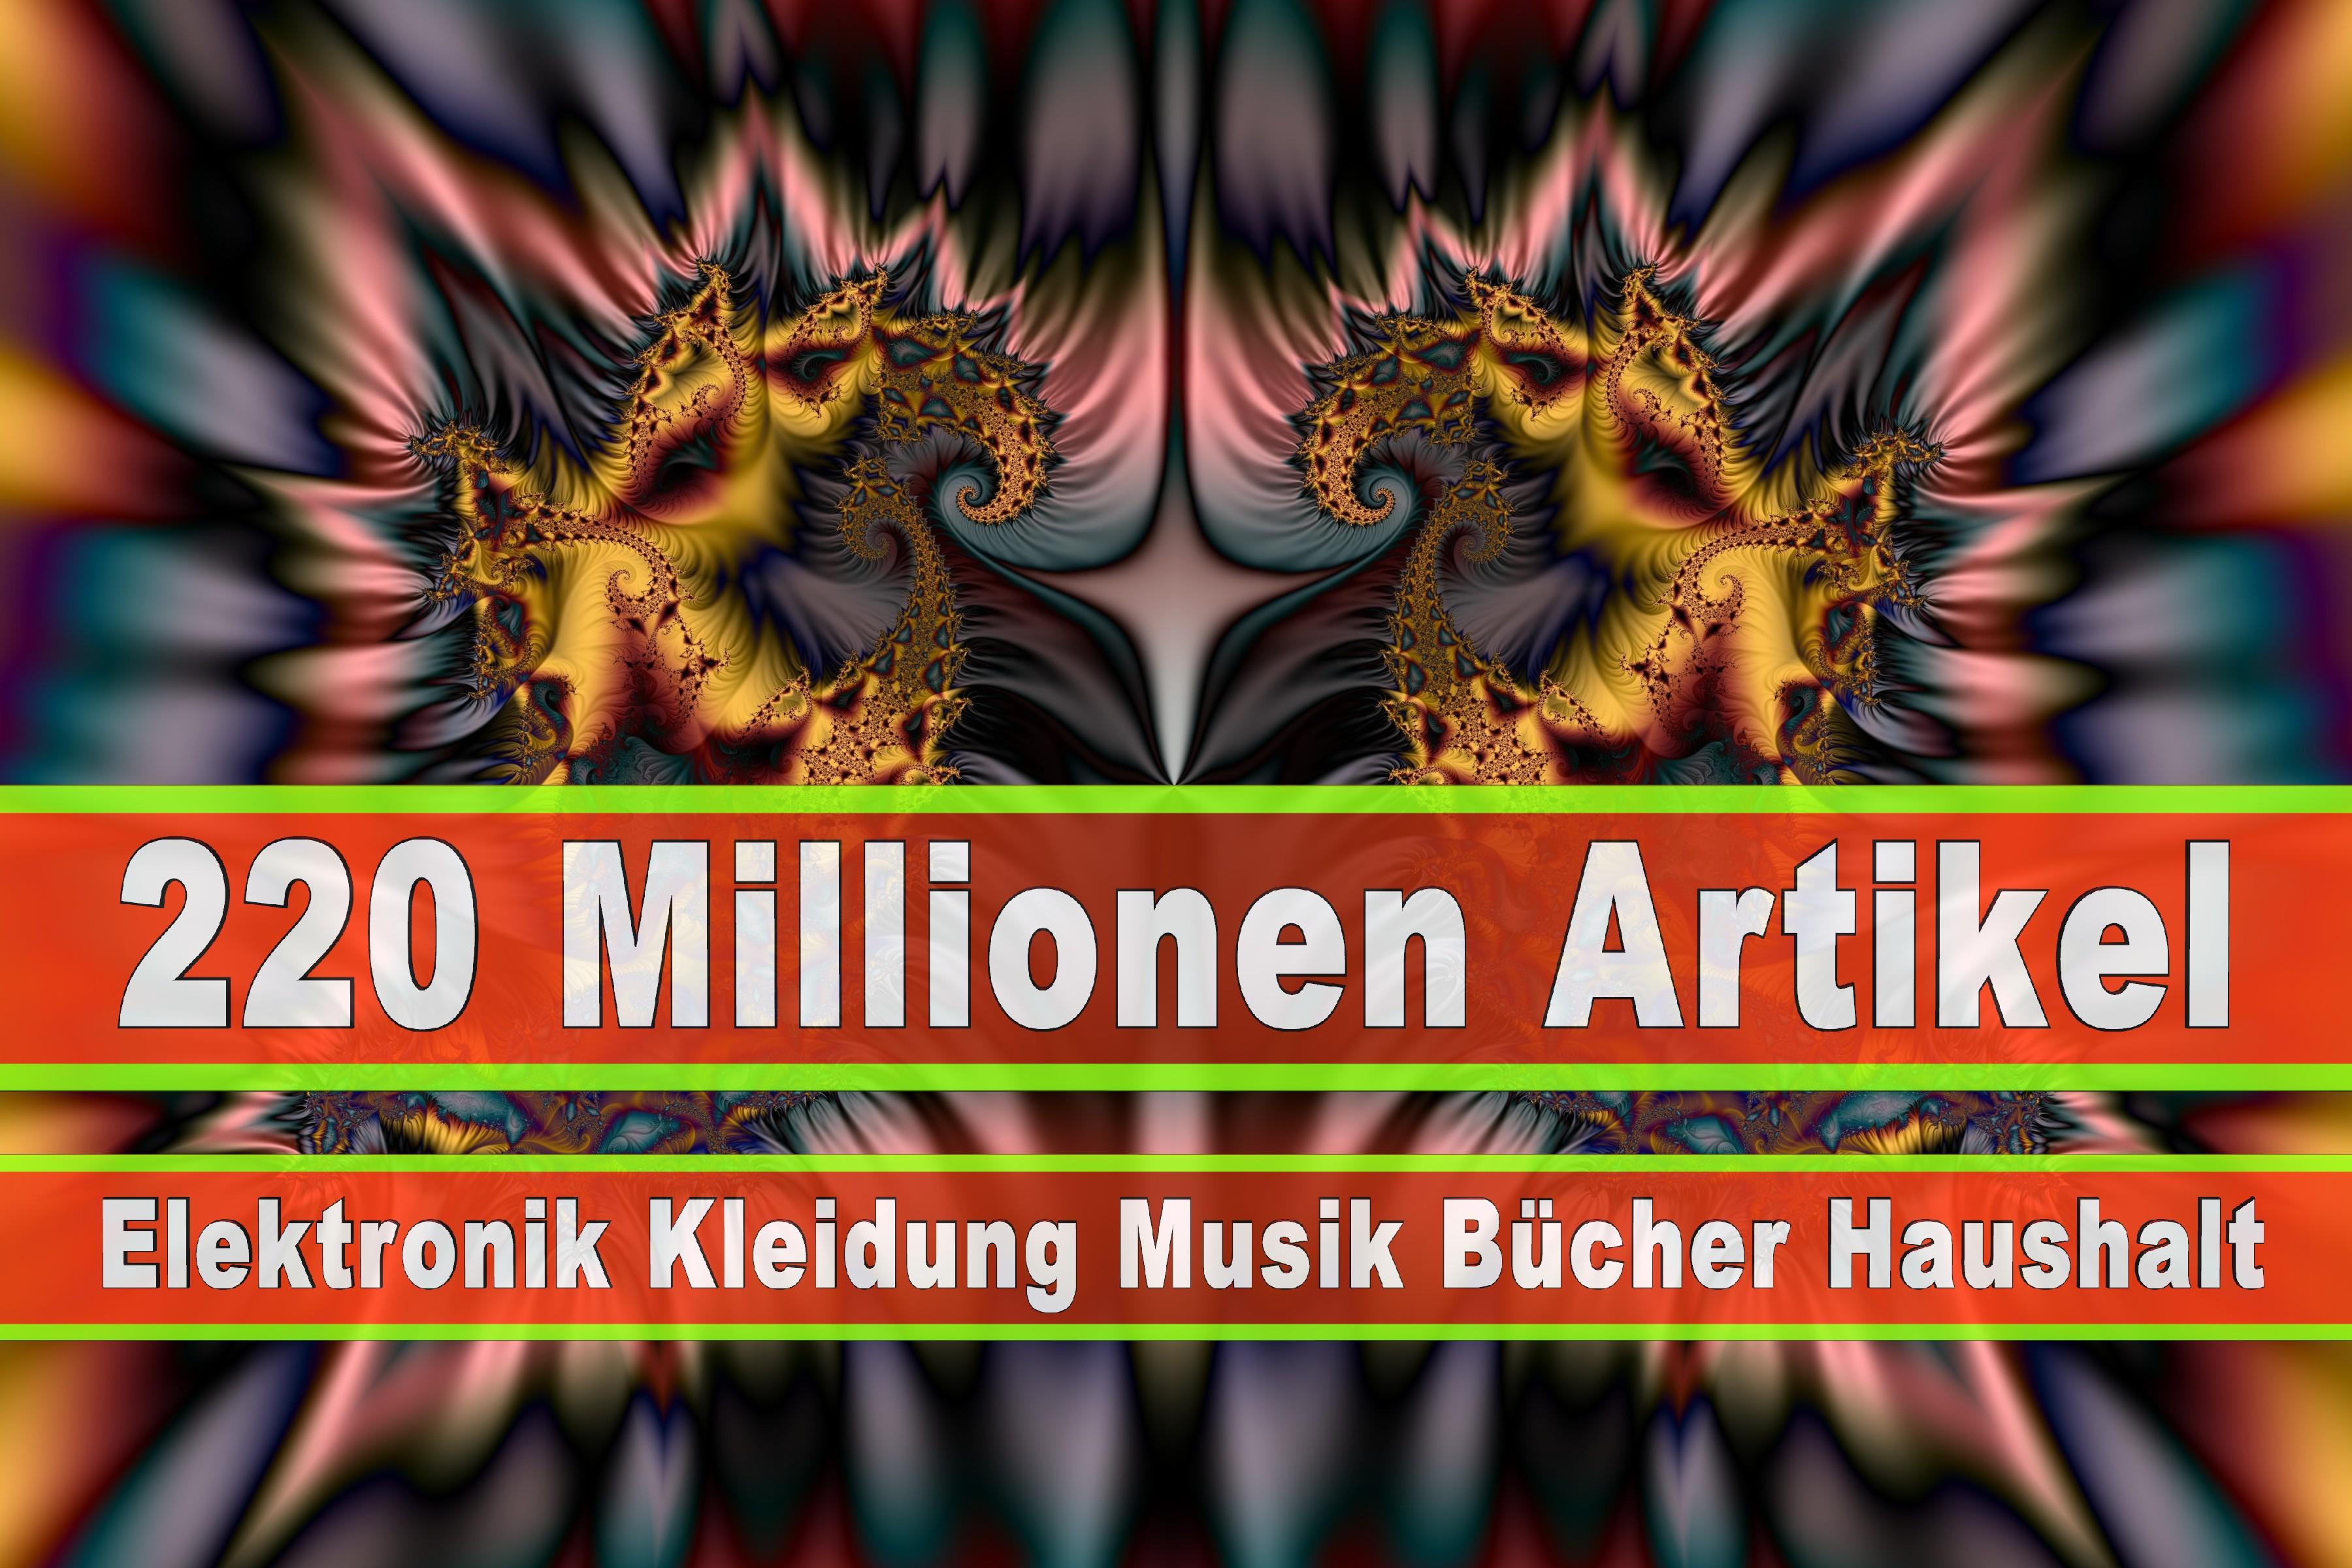 Amazon Elektronik Musik Haushalt Bücher CD DVD Handys Smartphones TV Television Fernseher Kleidung Mode Ebay Versandhaus (85)